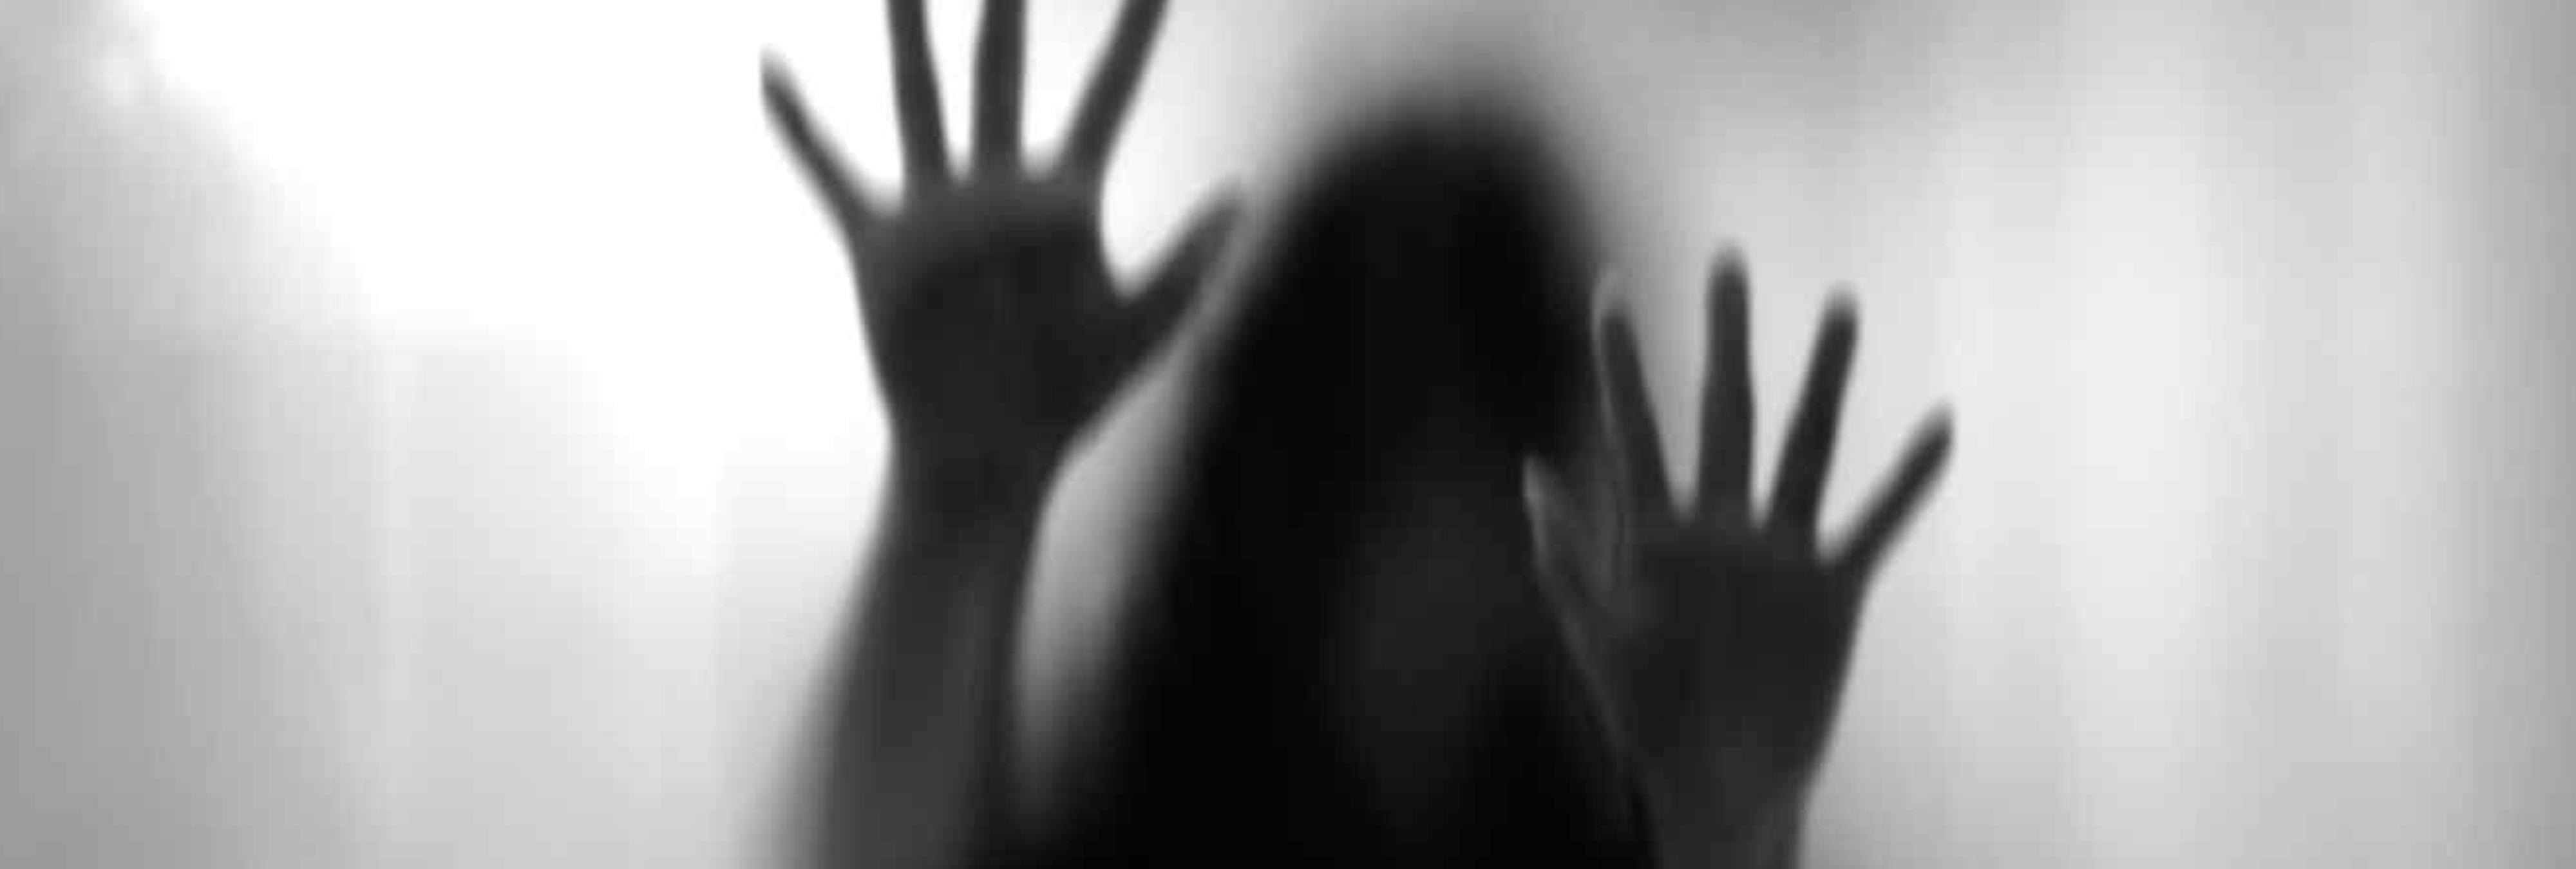 Violan en grupo a una adolescente, lo retransmiten por Facebook y no denuncia ninguna de las 40 personas que lo vieron